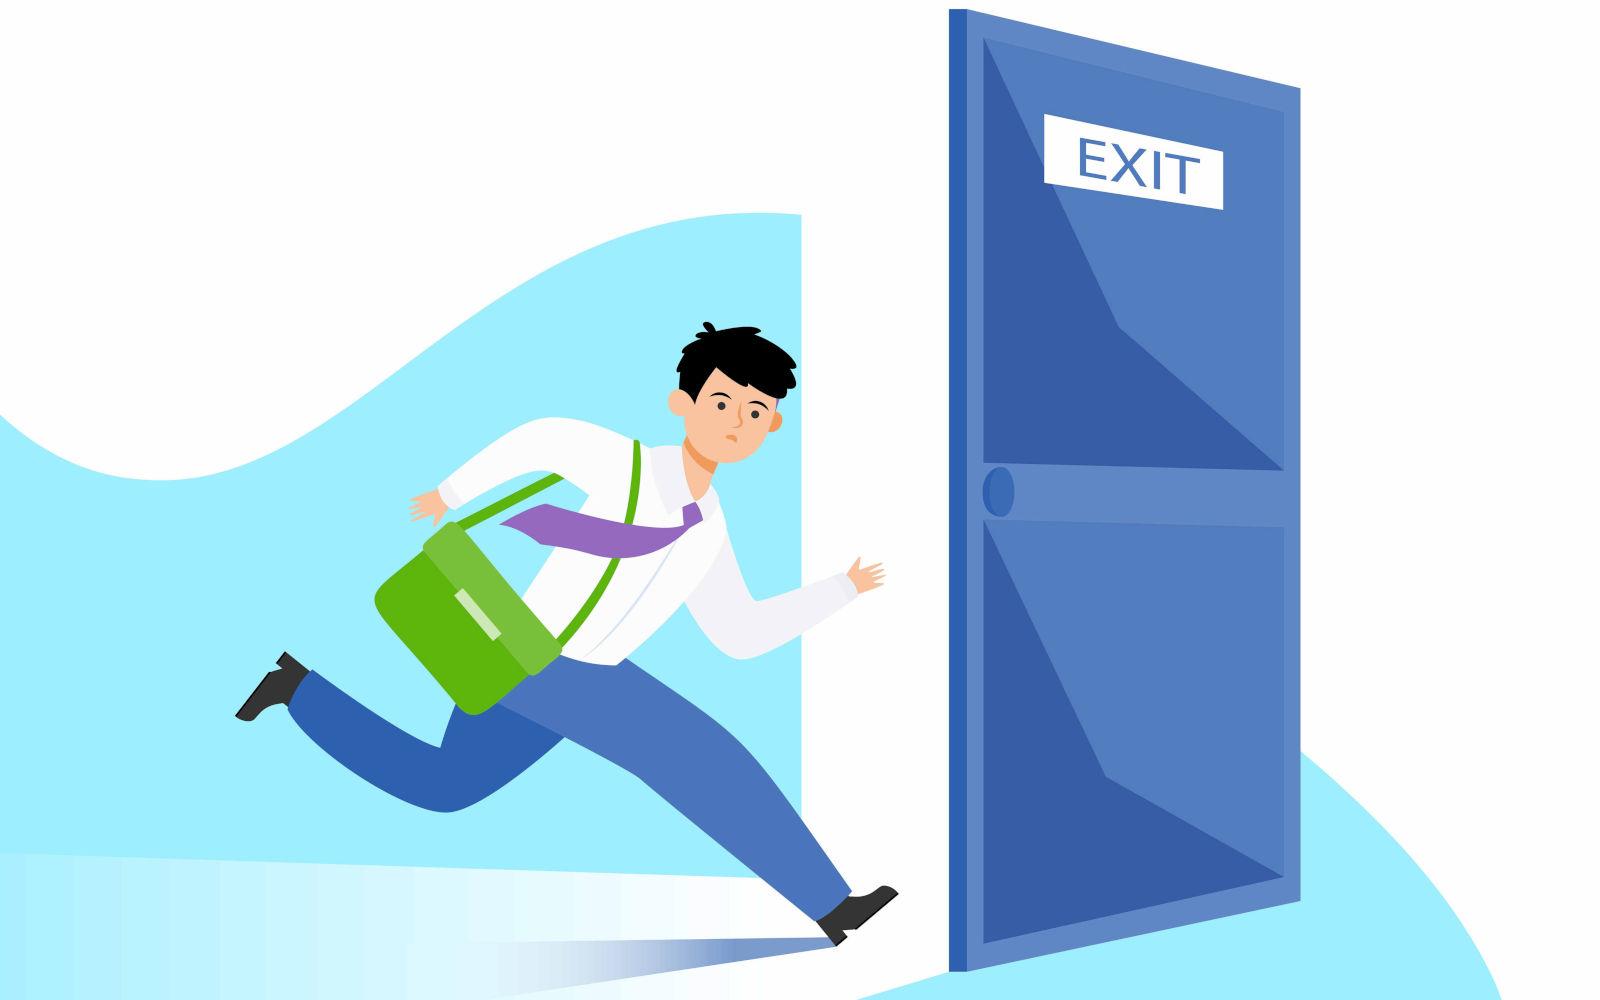 Uomo-corre-uscita-emergenza-da-lavoro-per-sicurezza